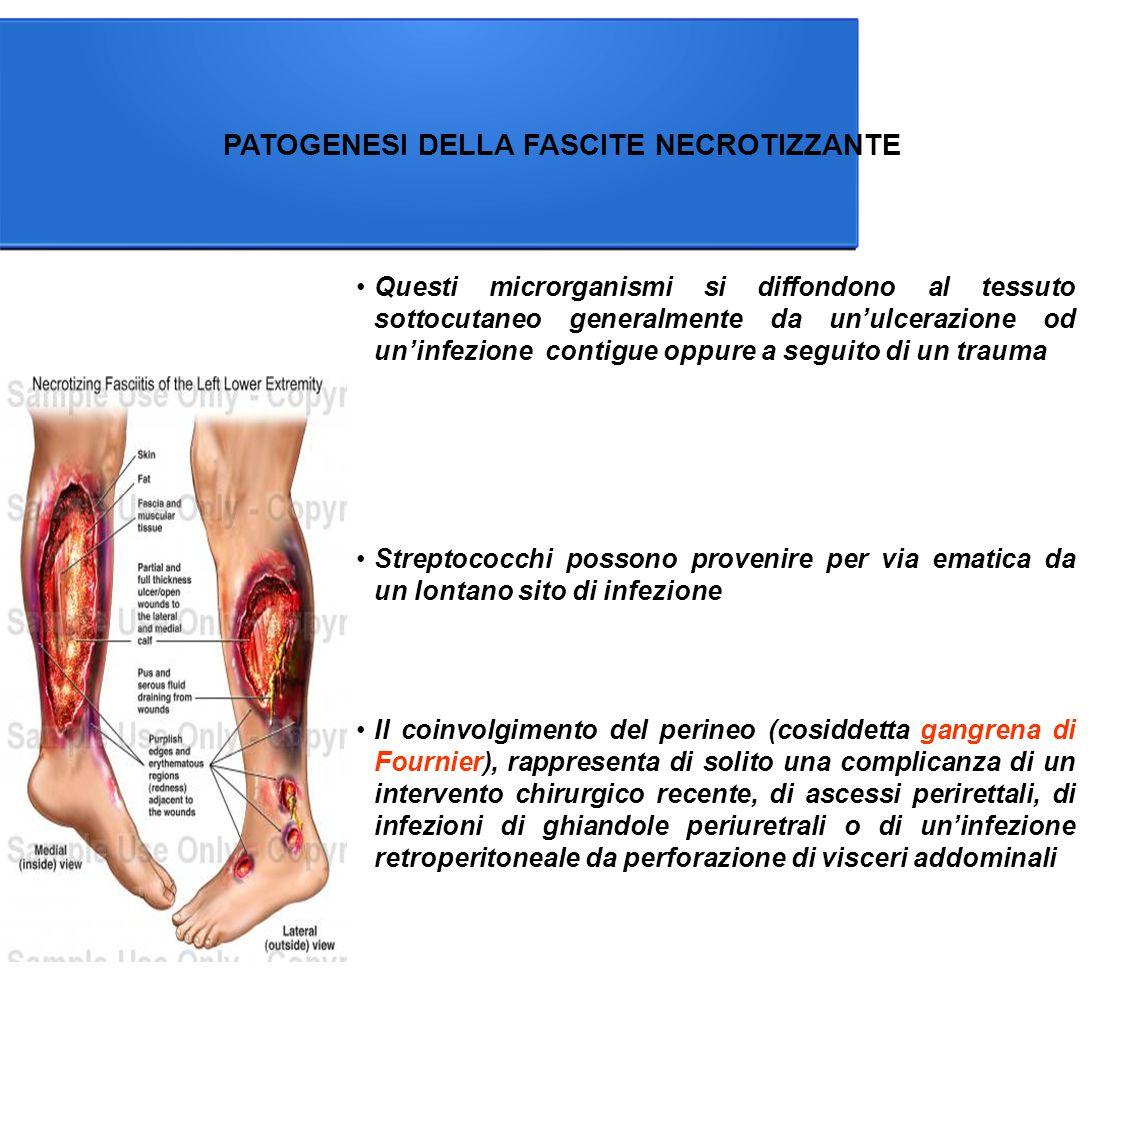 PATOGENESI DELLA FASCITE NECROTIZZANTE Questi microrganismi si diffondono al tessuto sottocutaneo generalmente da un'ulcerazione od un'infezione contigue oppure a seguito di un trauma Il coinvolgimento del perineo (cosiddetta gangrena di Fournier), rappresenta di solito una complicanza di un intervento chirurgico recente, di ascessi perirettali, di infezioni di ghiandole periuretrali o di un'infezione retroperitoneale da perforazione di visceri addominali Streptococchi possono provenire per via ematica da un lontano sito di infezione